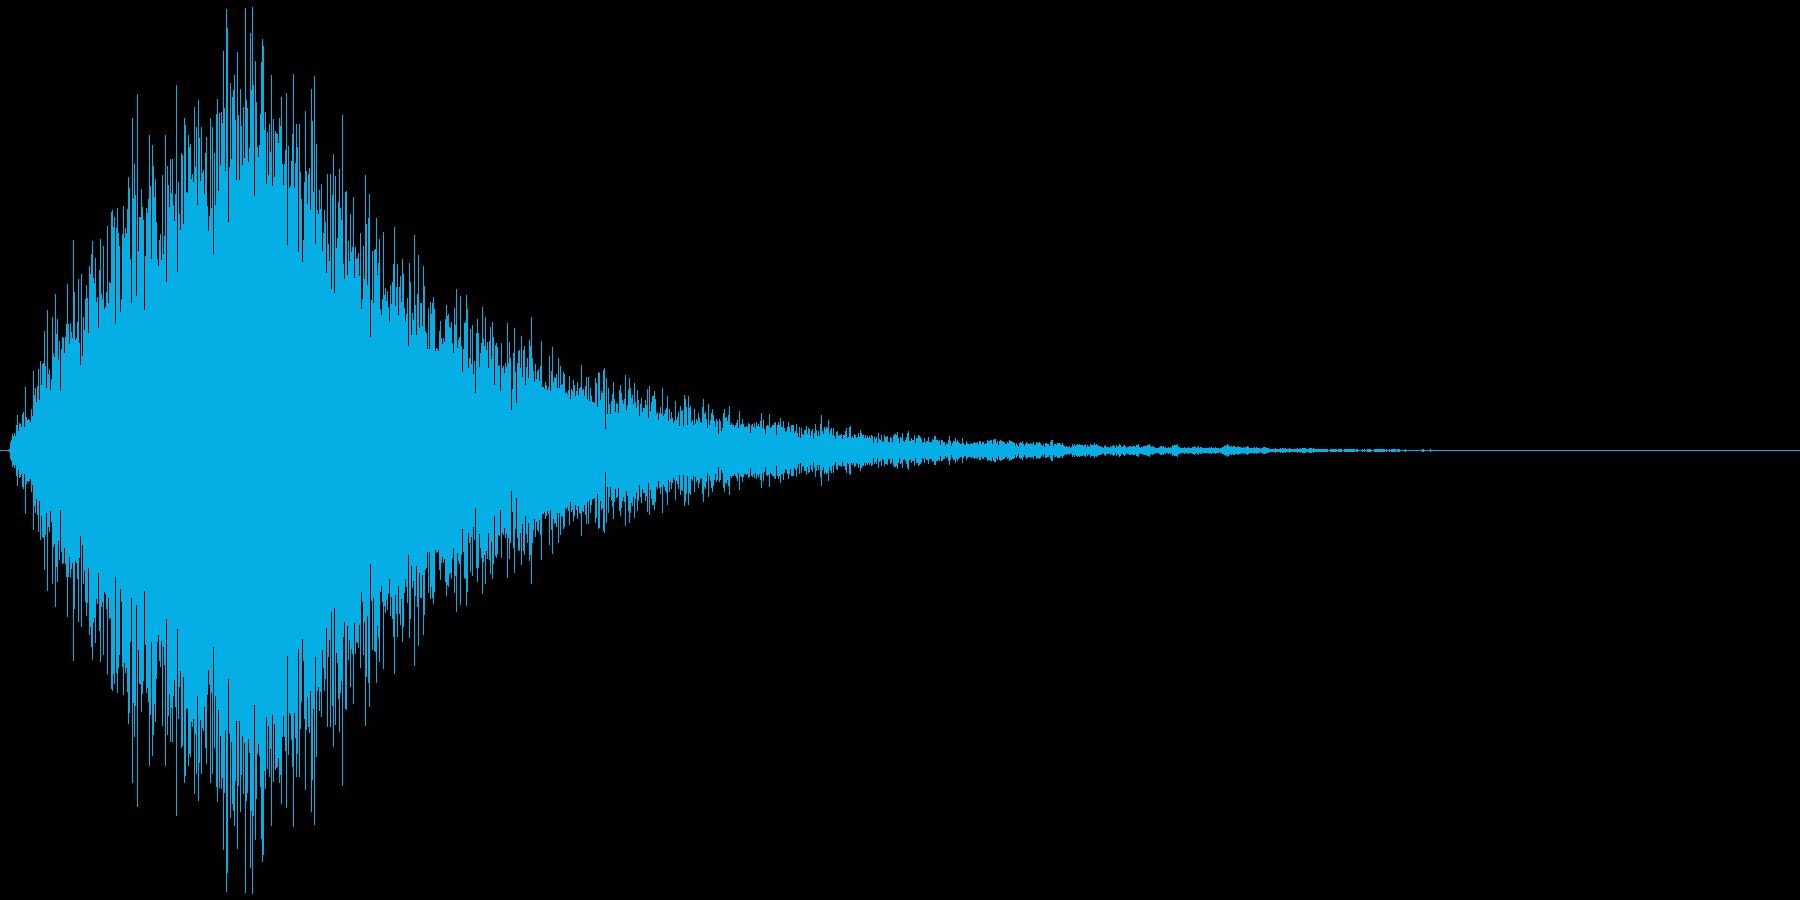 吹き抜ける風の効果音(風魔法、シンセ)の再生済みの波形